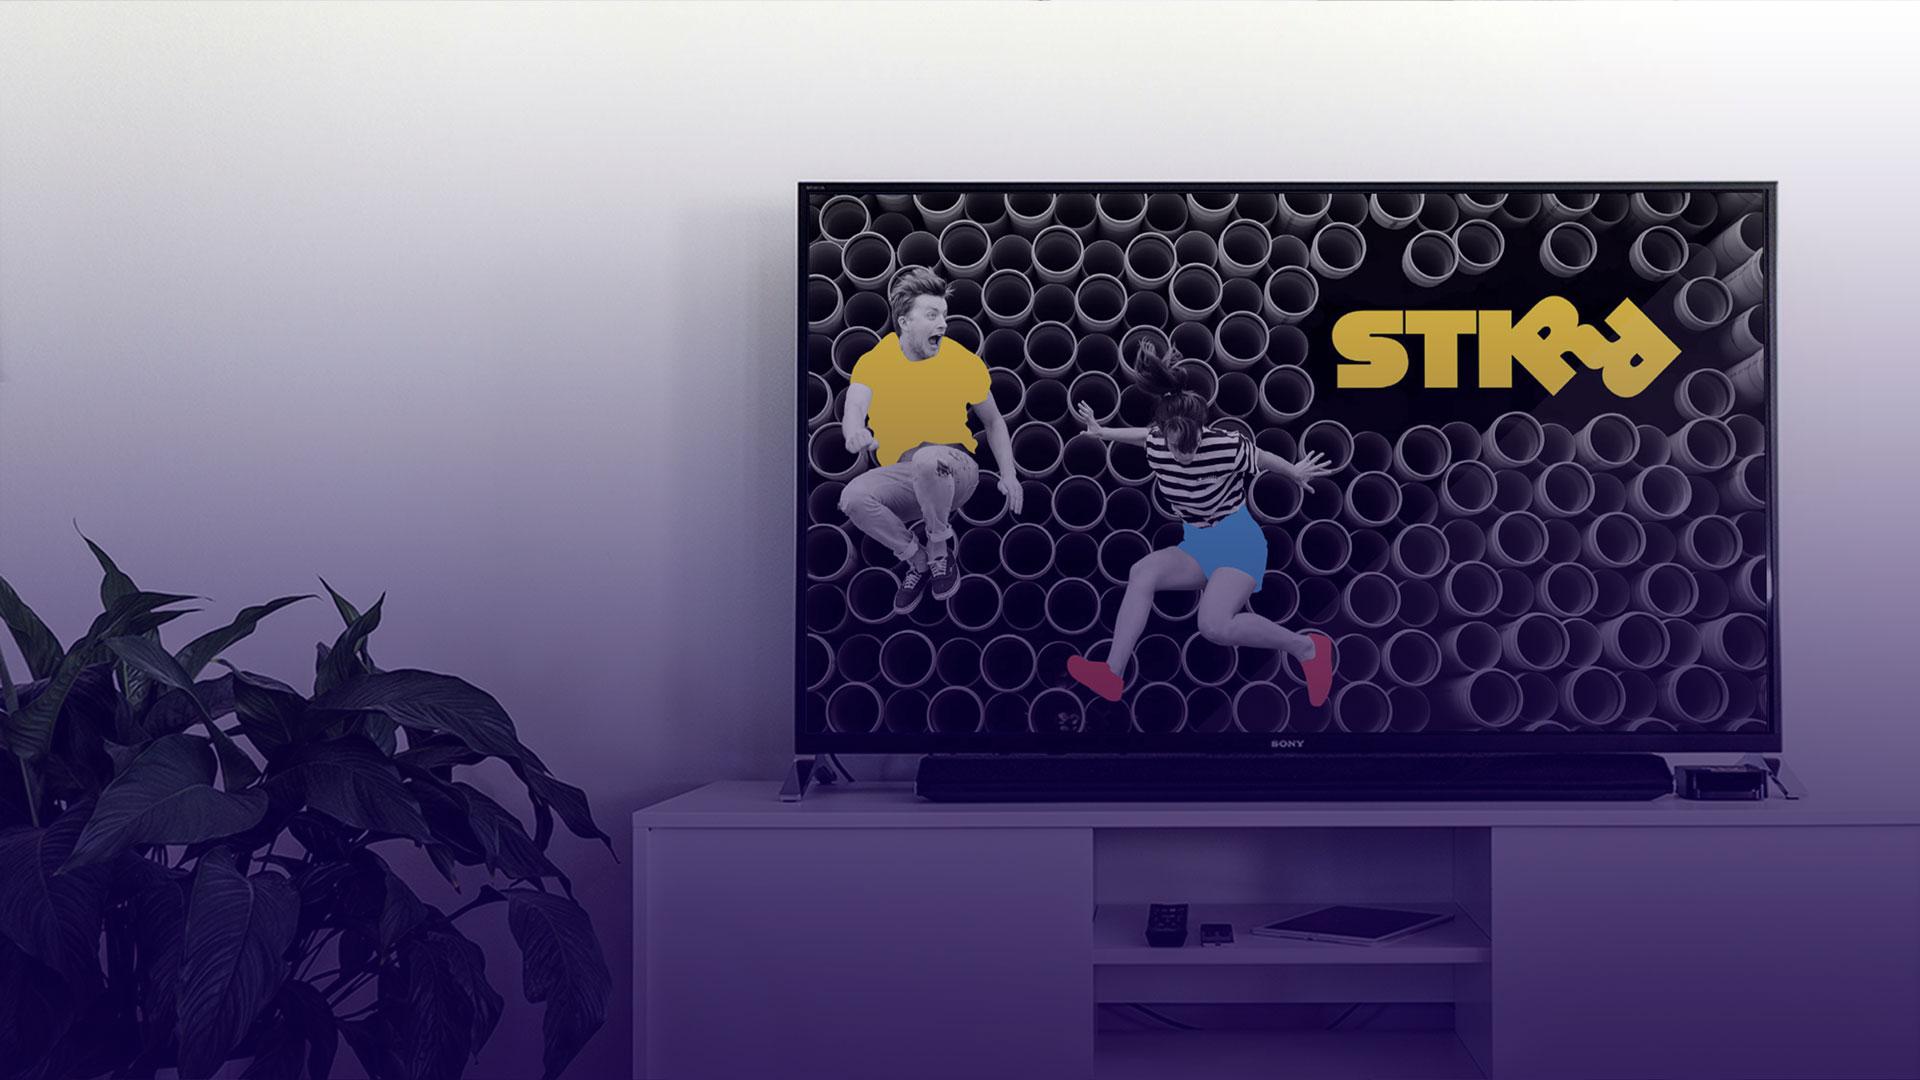 STIRR OTT App Visuals & Ad Campaign